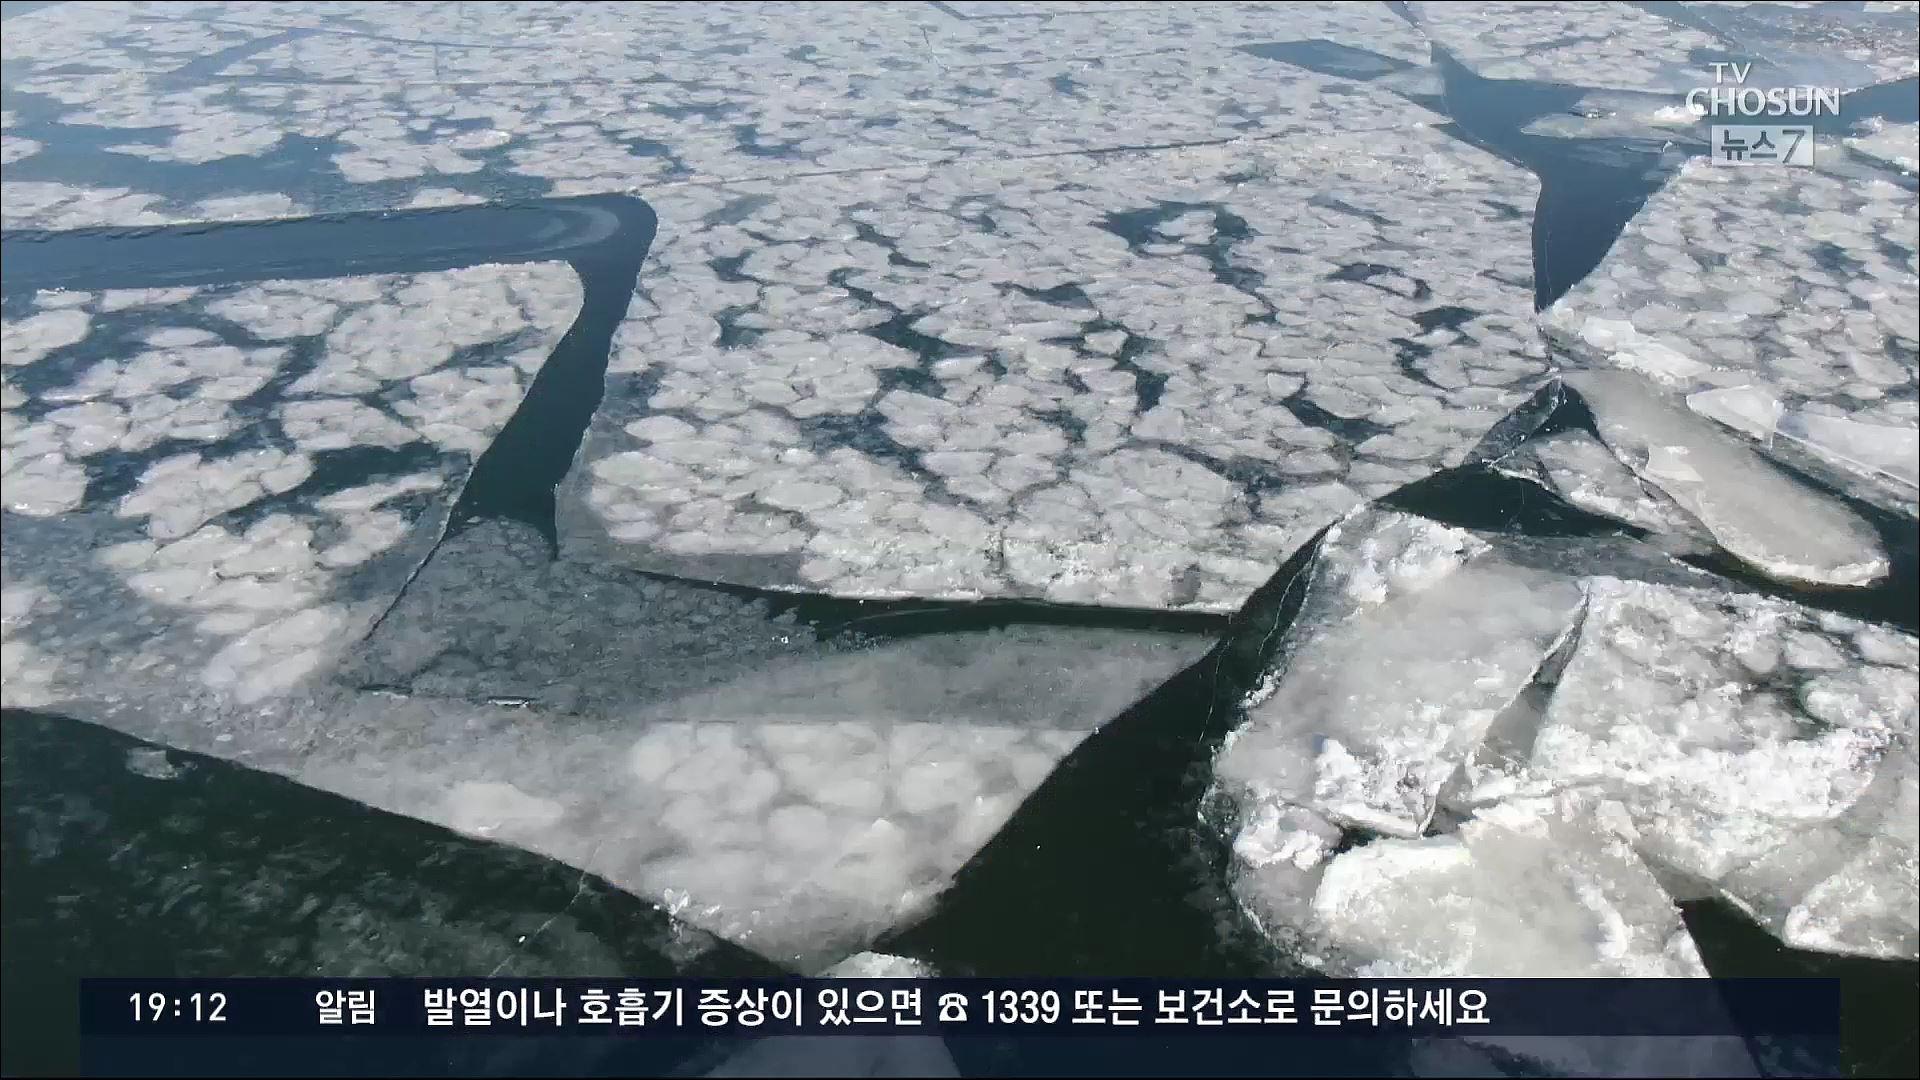 한강, 2년 만에 공식 결빙…아파트 정전·온수관 동파사고 2500건